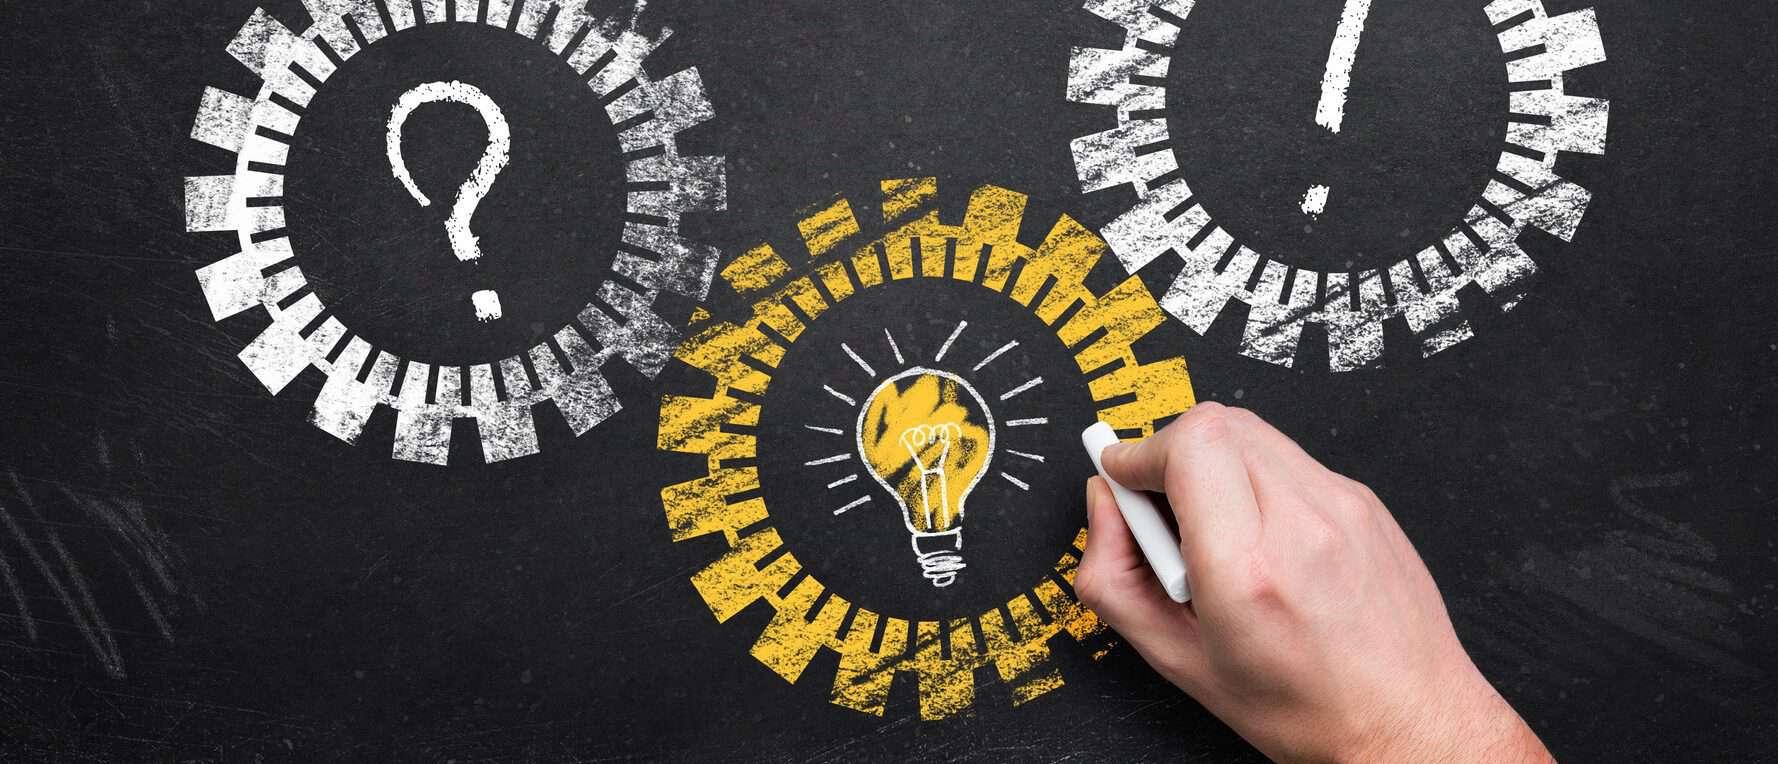 Content Marketing bedeutet: Lösungen für Probleme aufzeigen © Fotolia 2015/ fotogestoeber